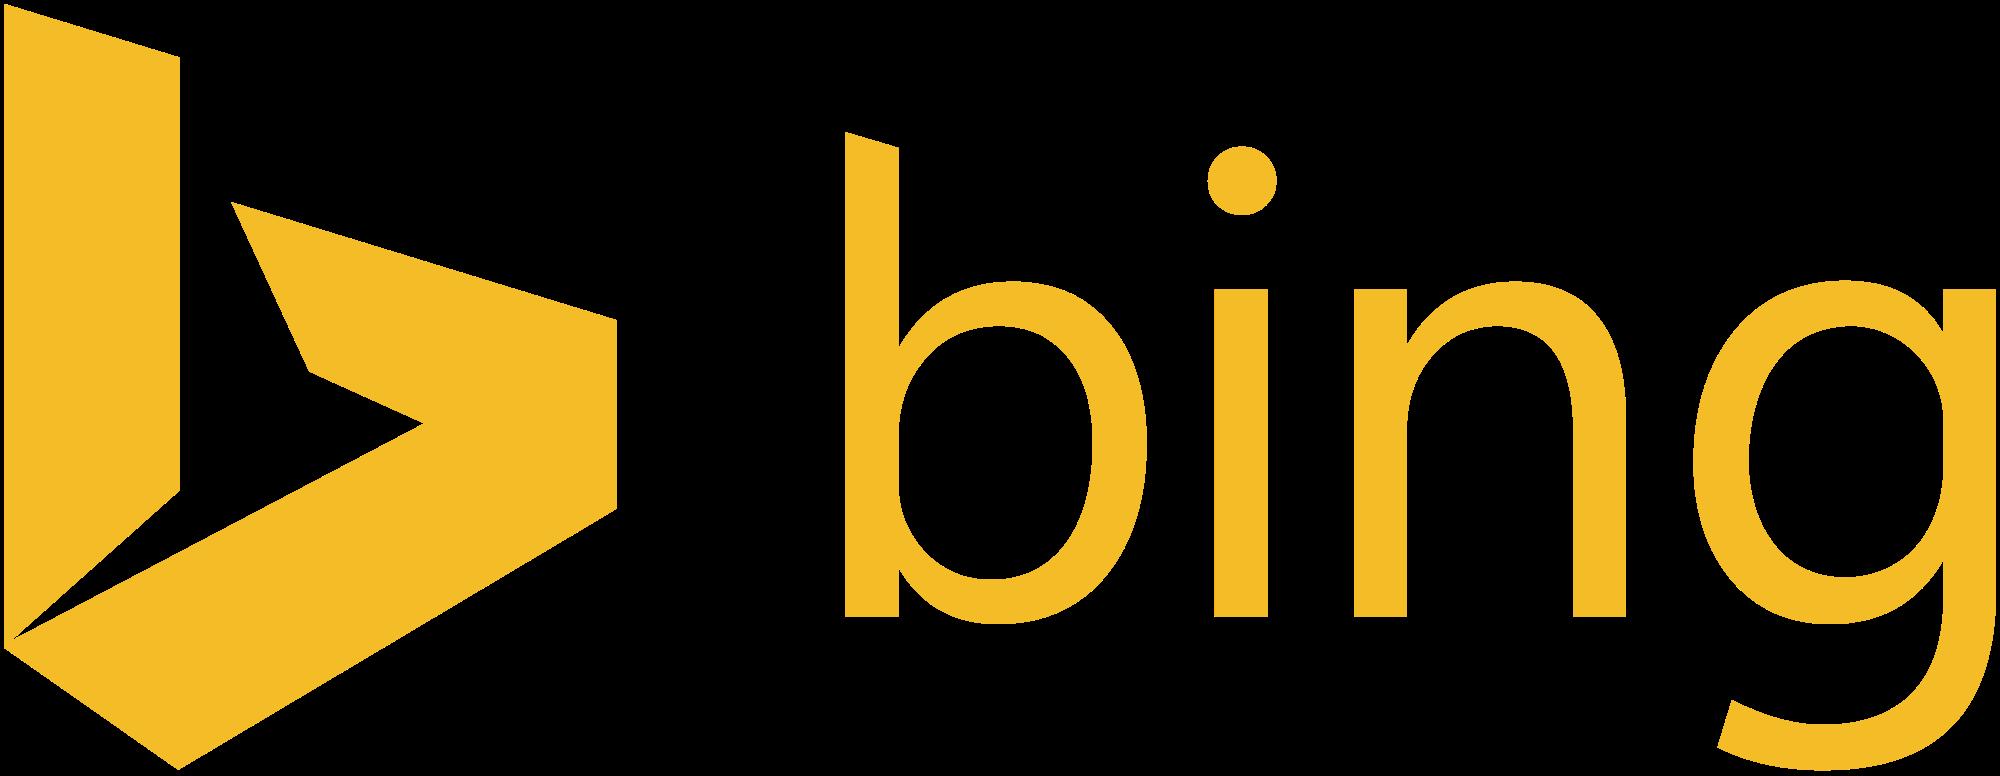 Bing Logo PNG Transparent Bing Logo.PNG Images..